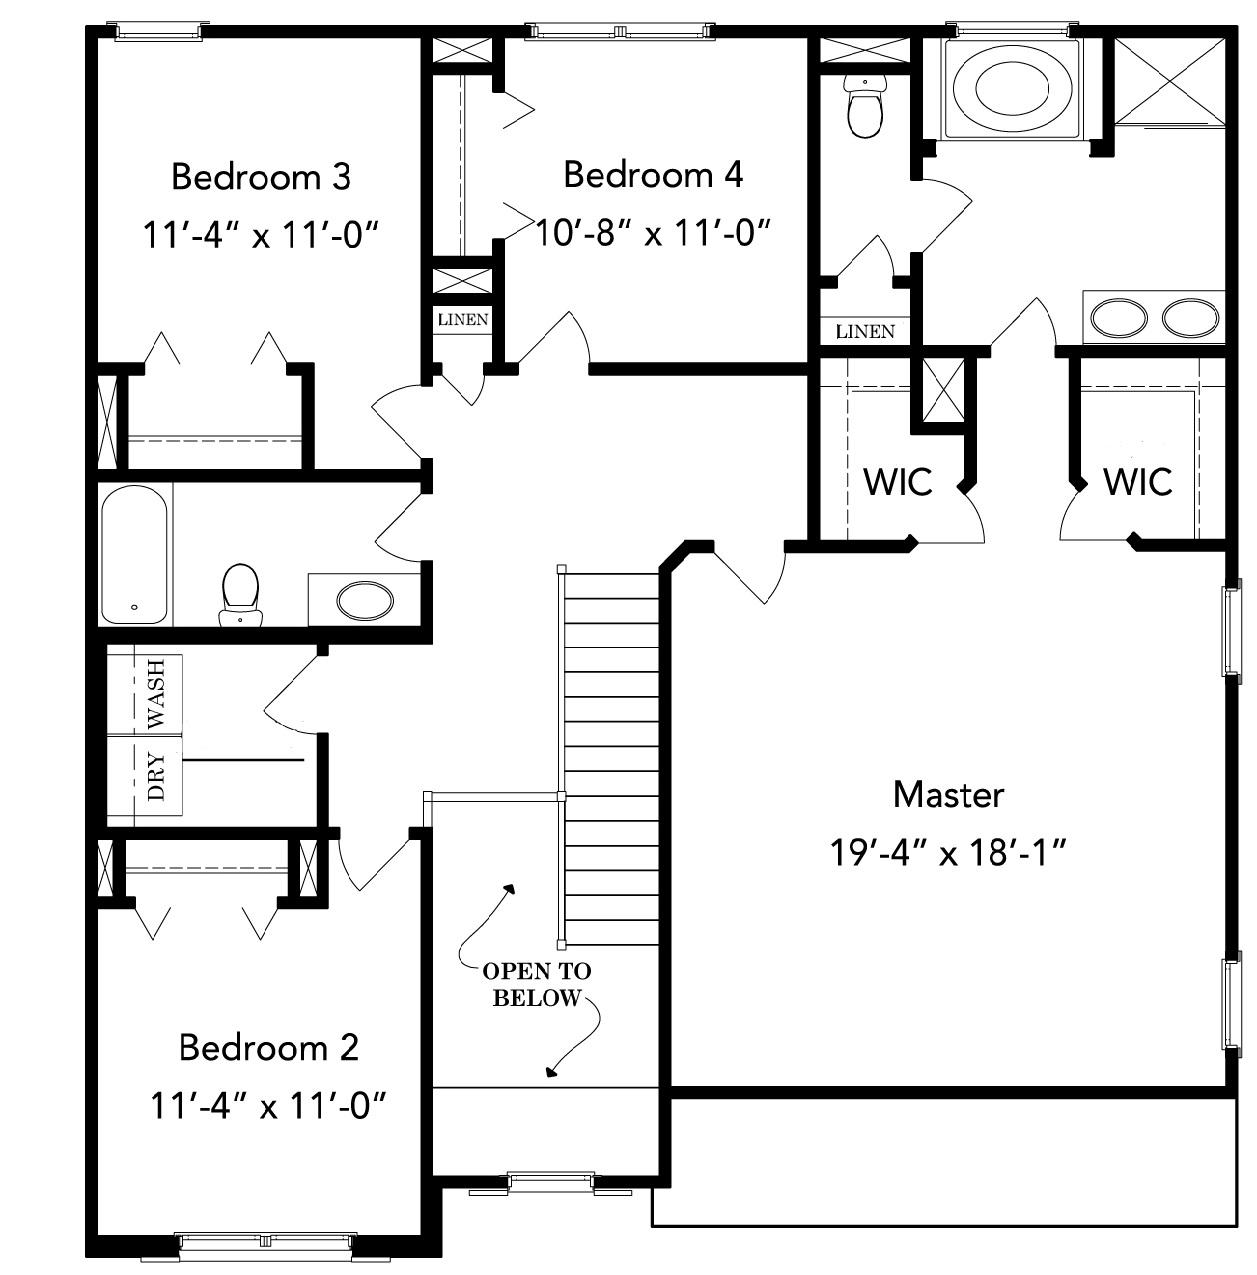 Williamsburg B Keystone Homes Inc